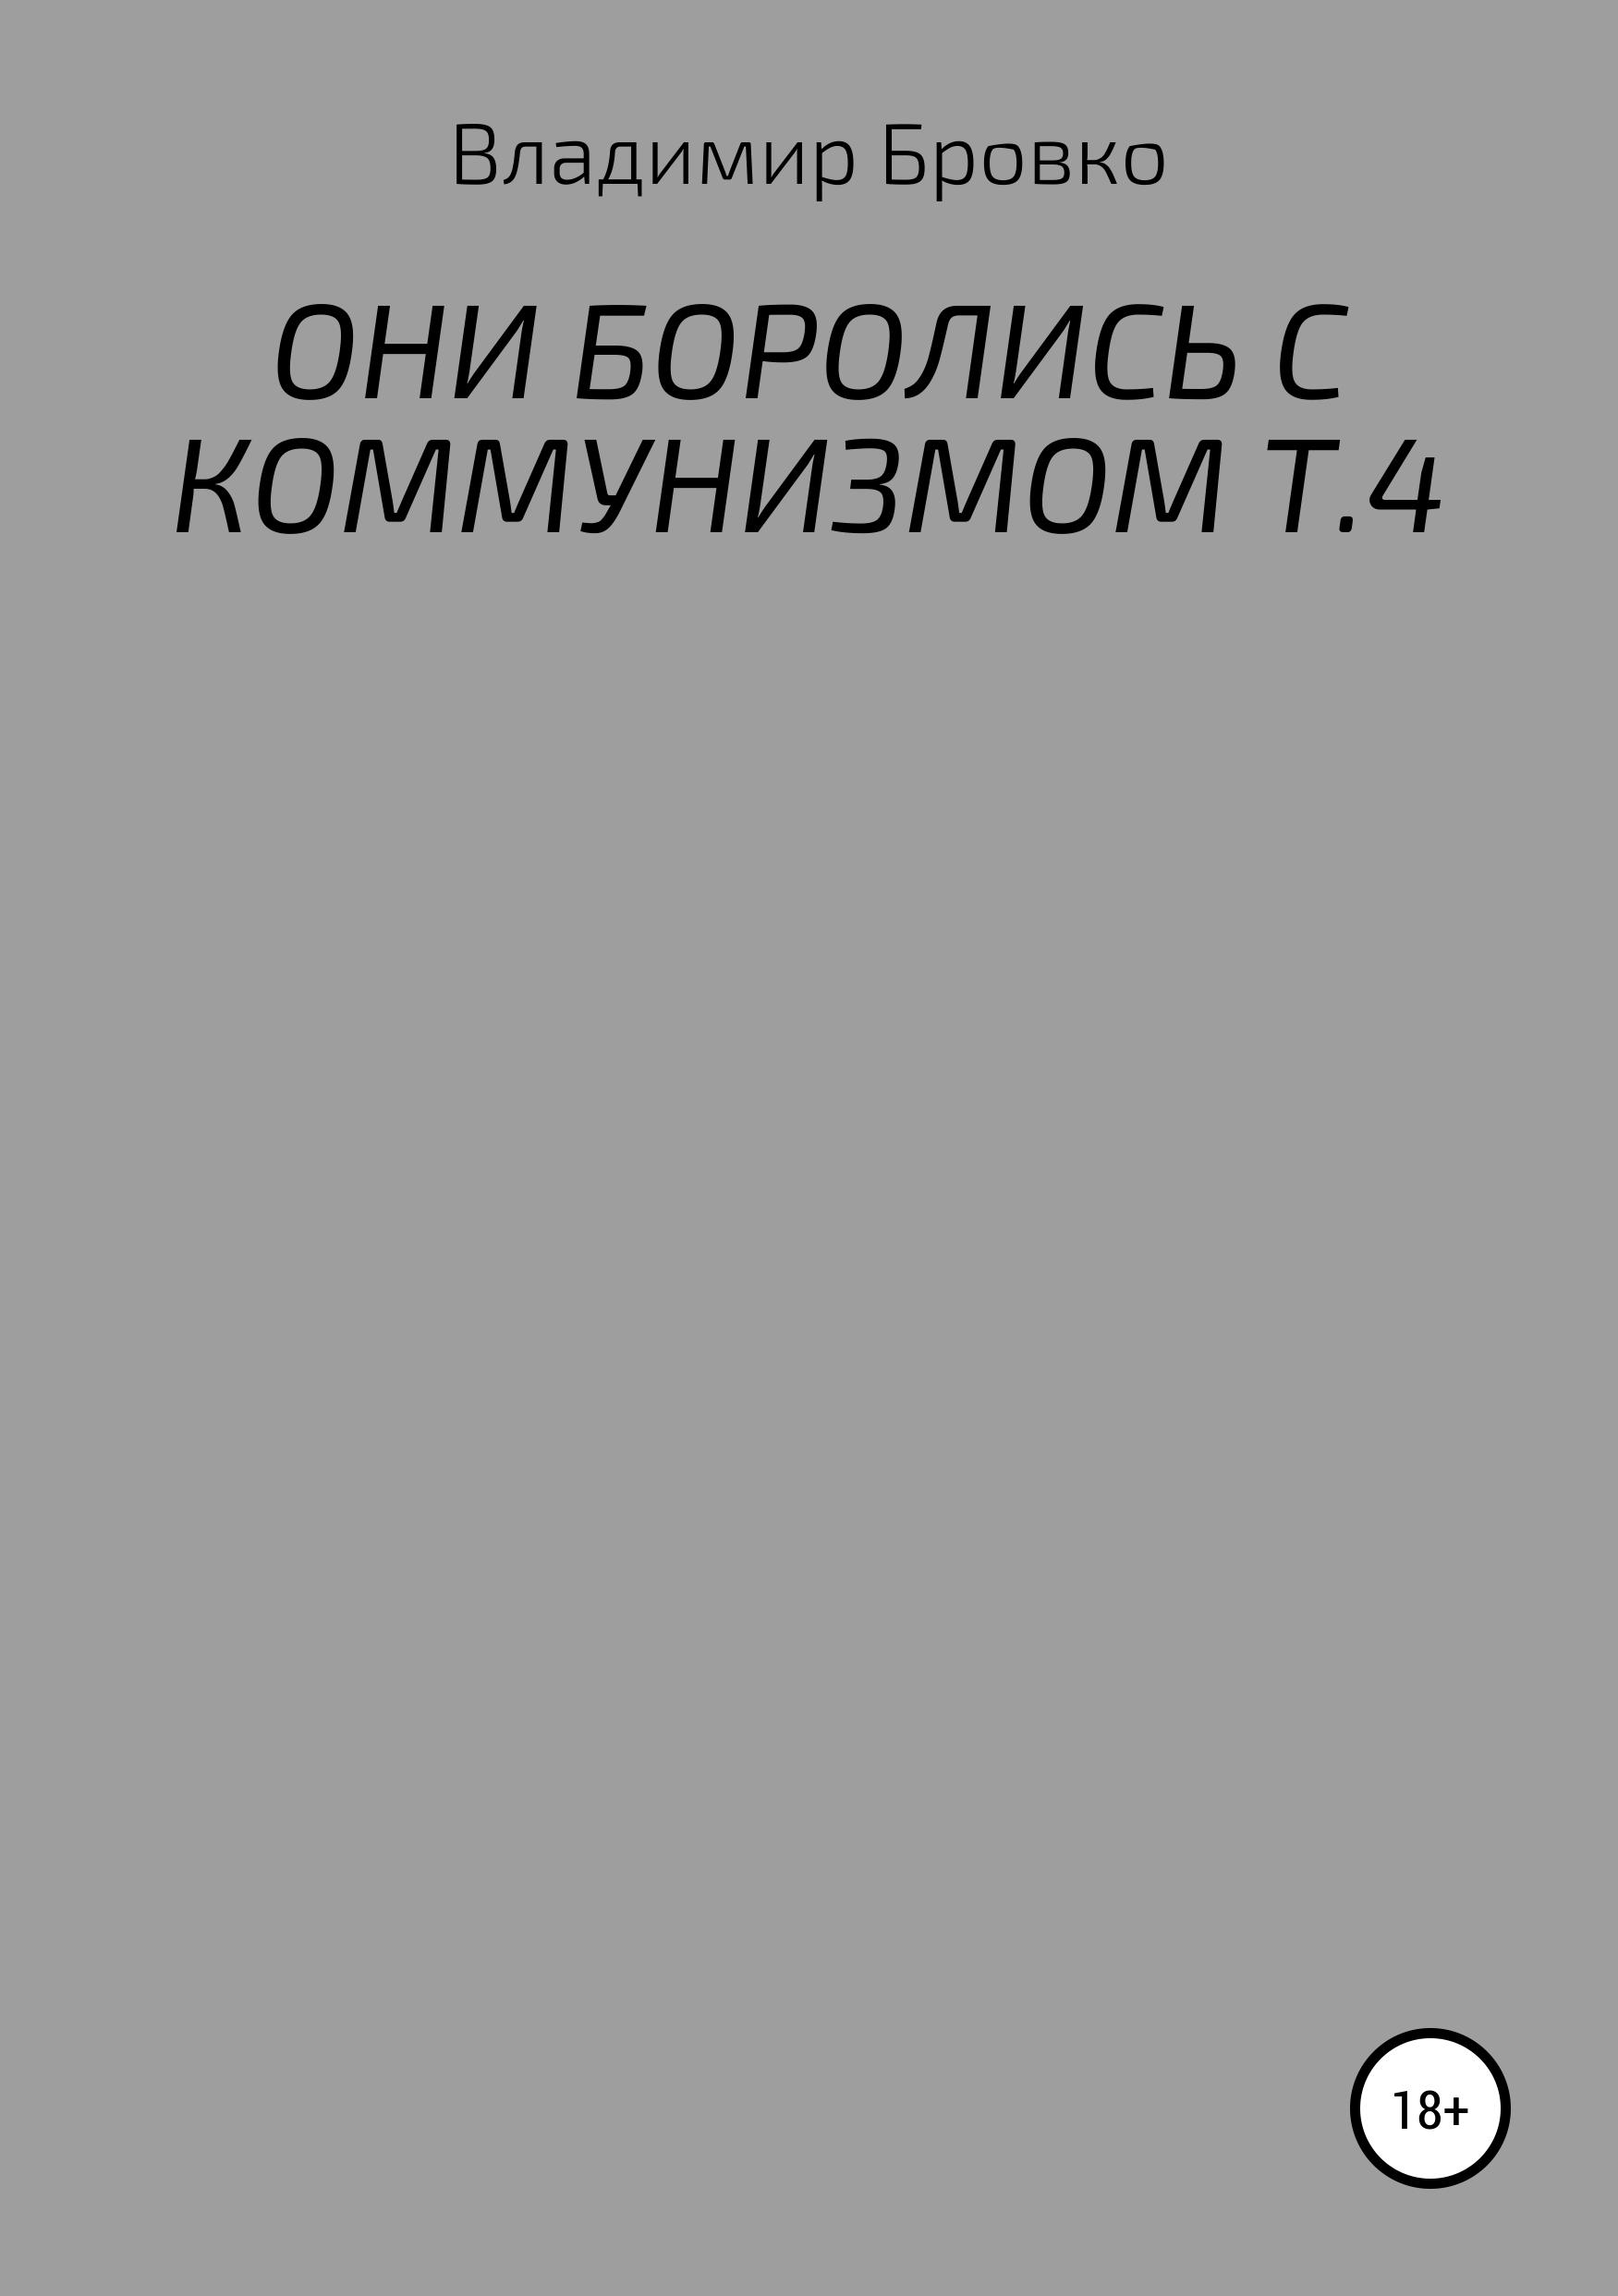 ОНИ БОРОЛИСЬ С КОММУНИЗМОМ Т.4